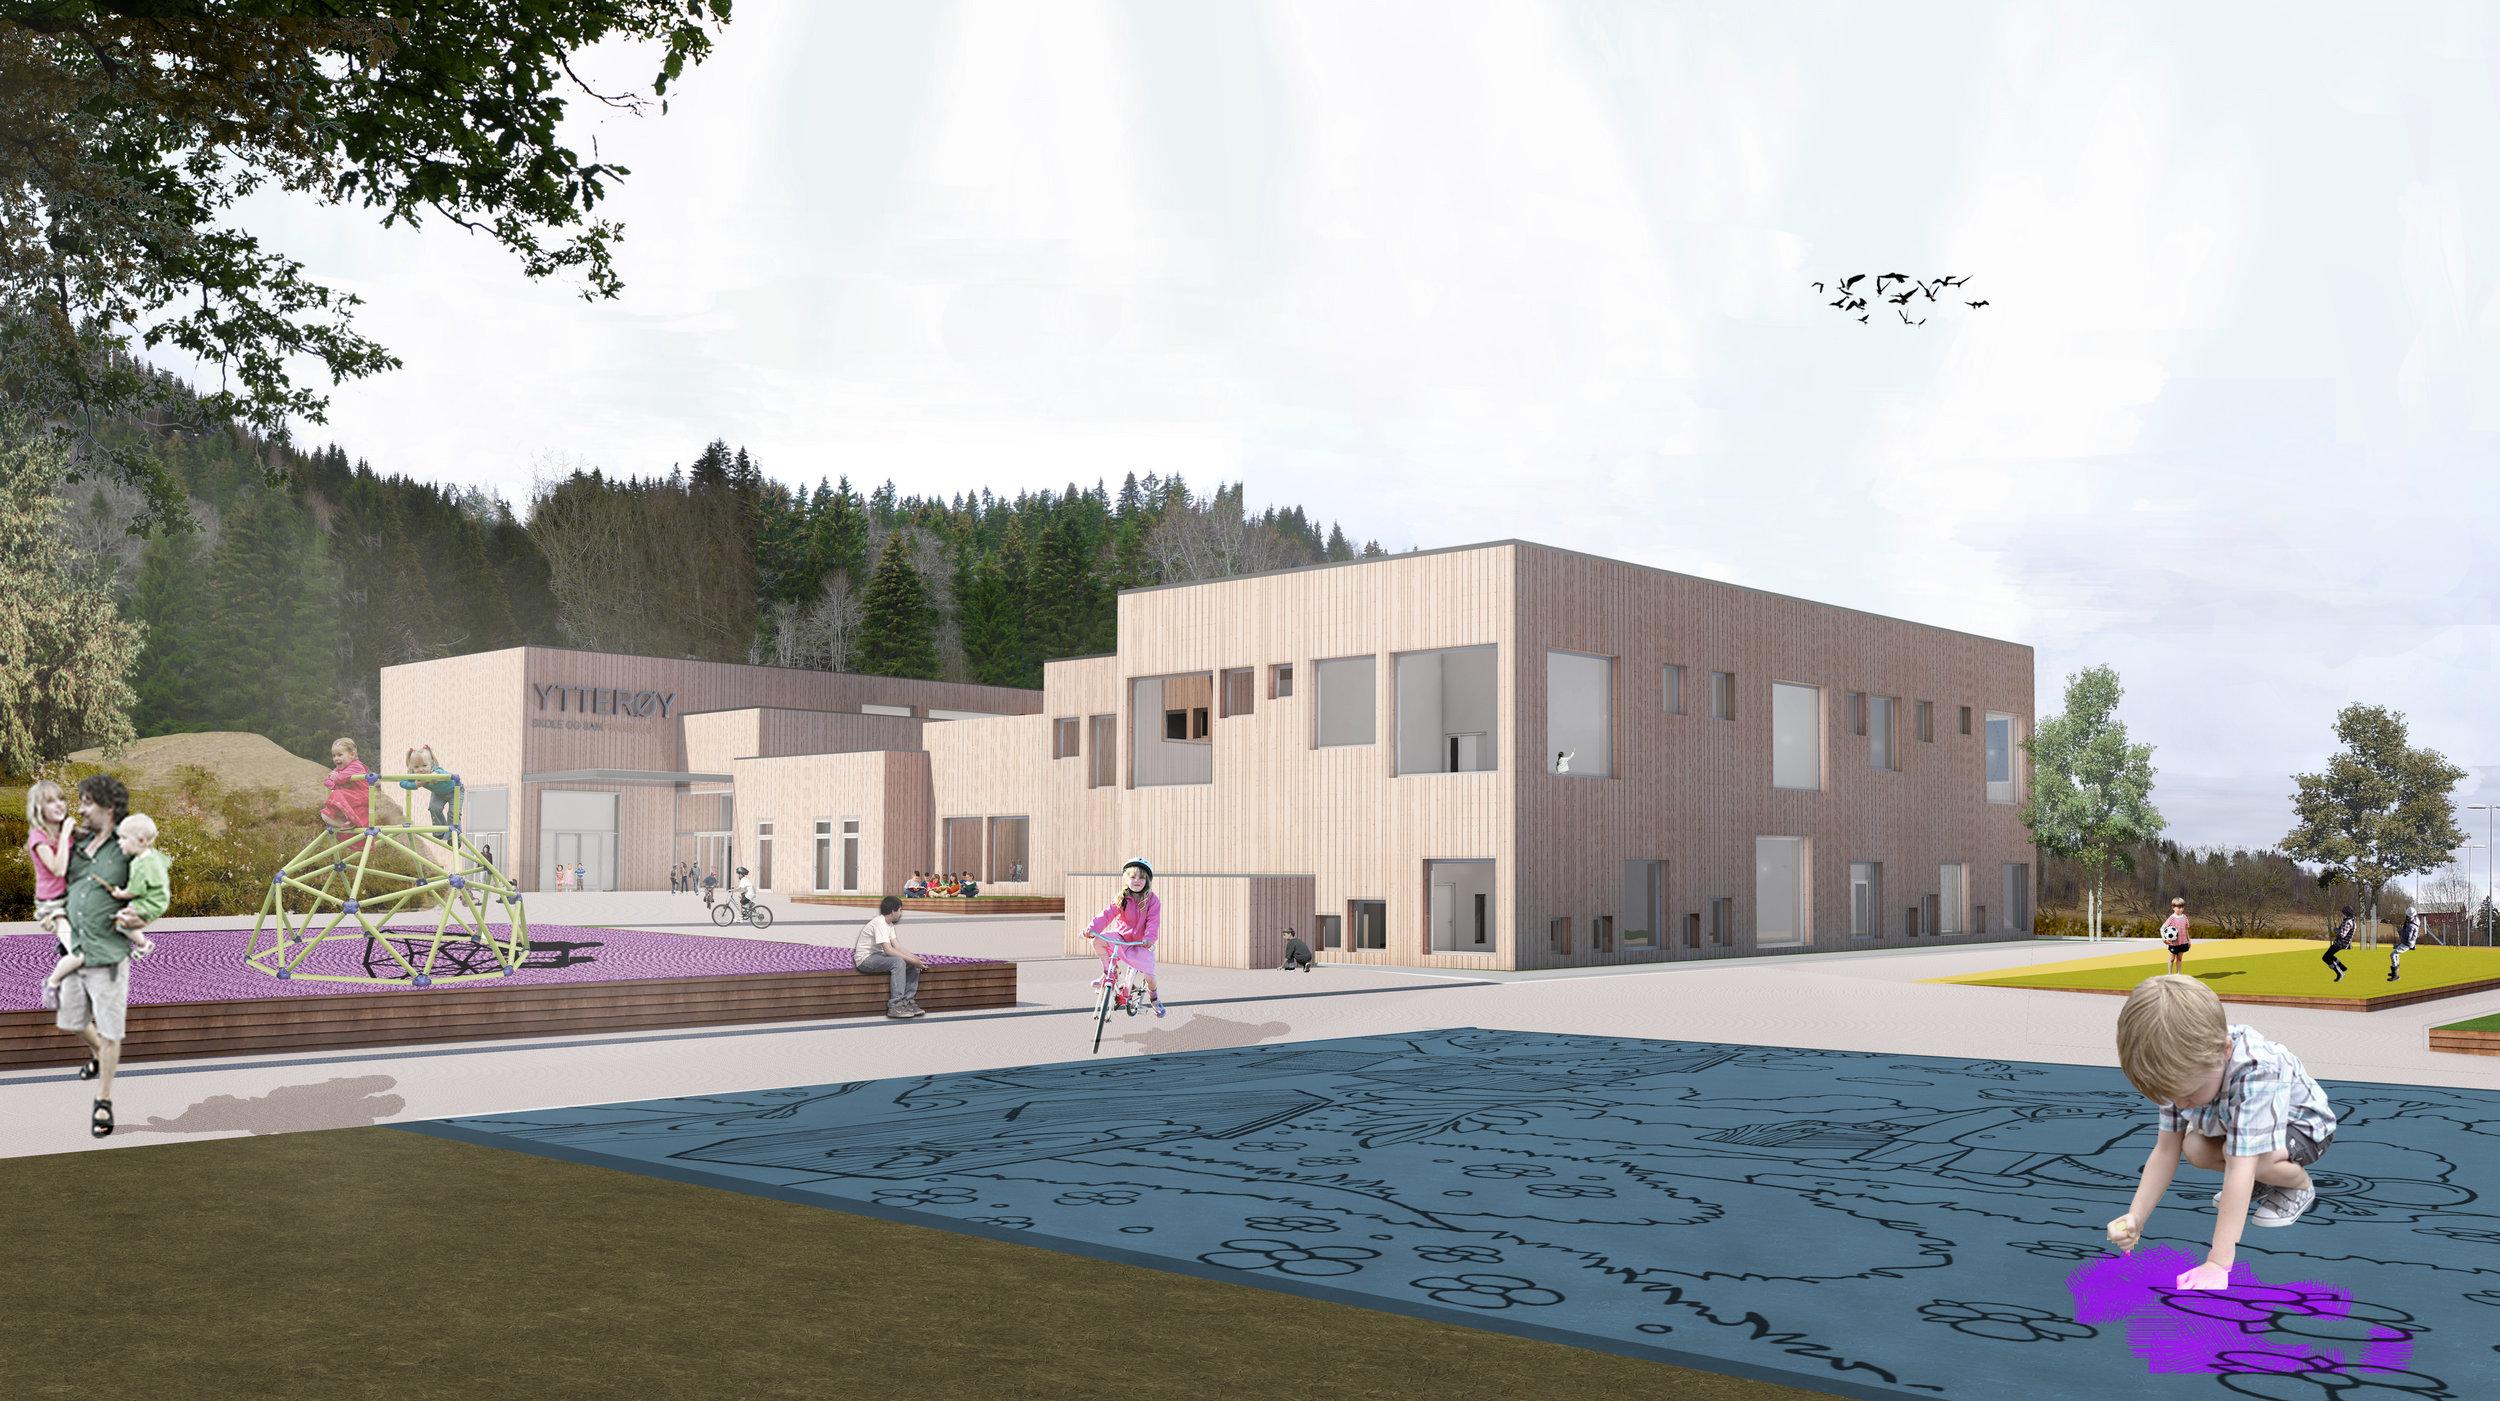 Ytterøy skole